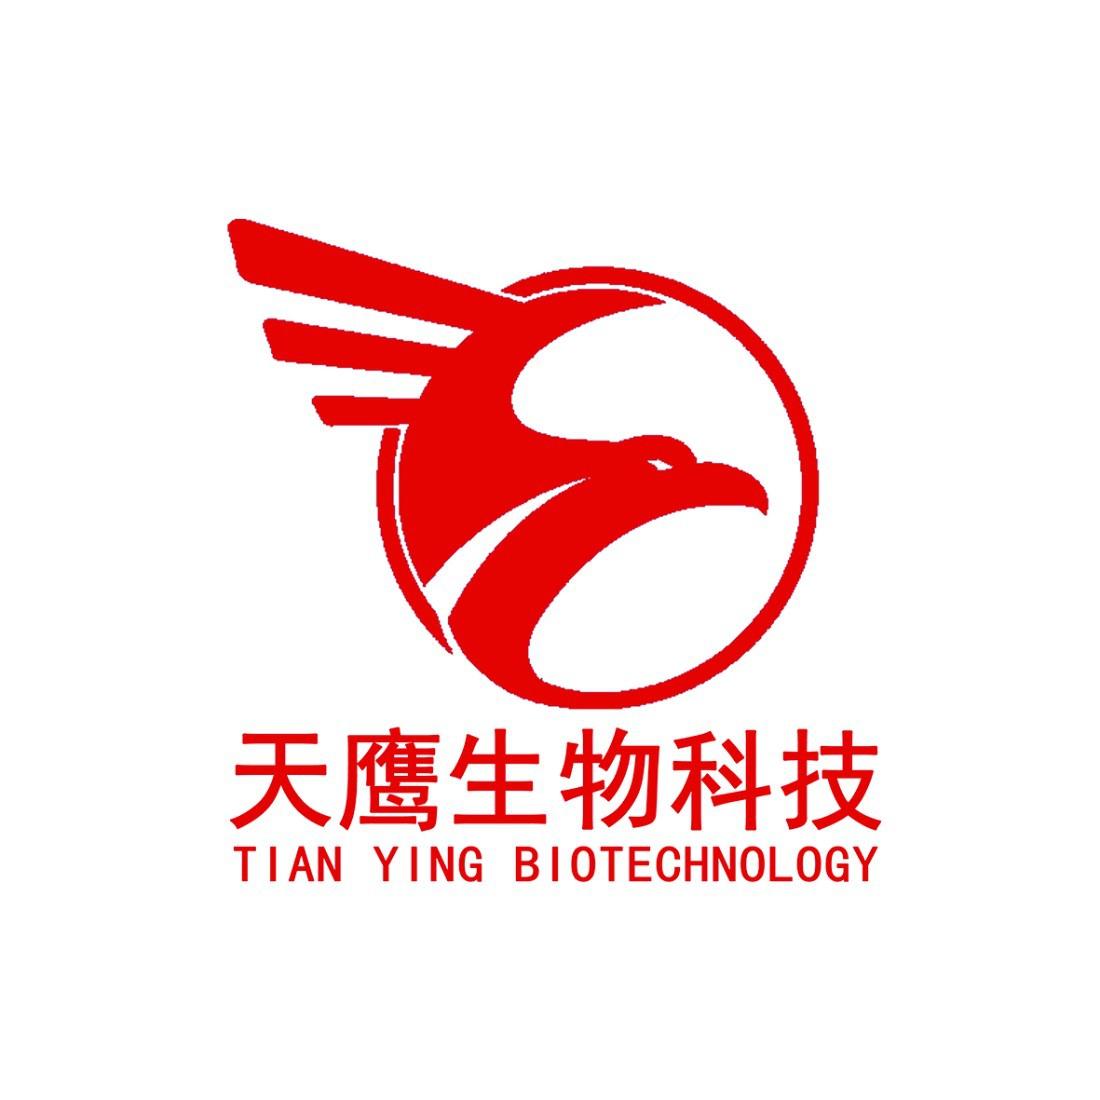 山东天鹰生物科技有限公司